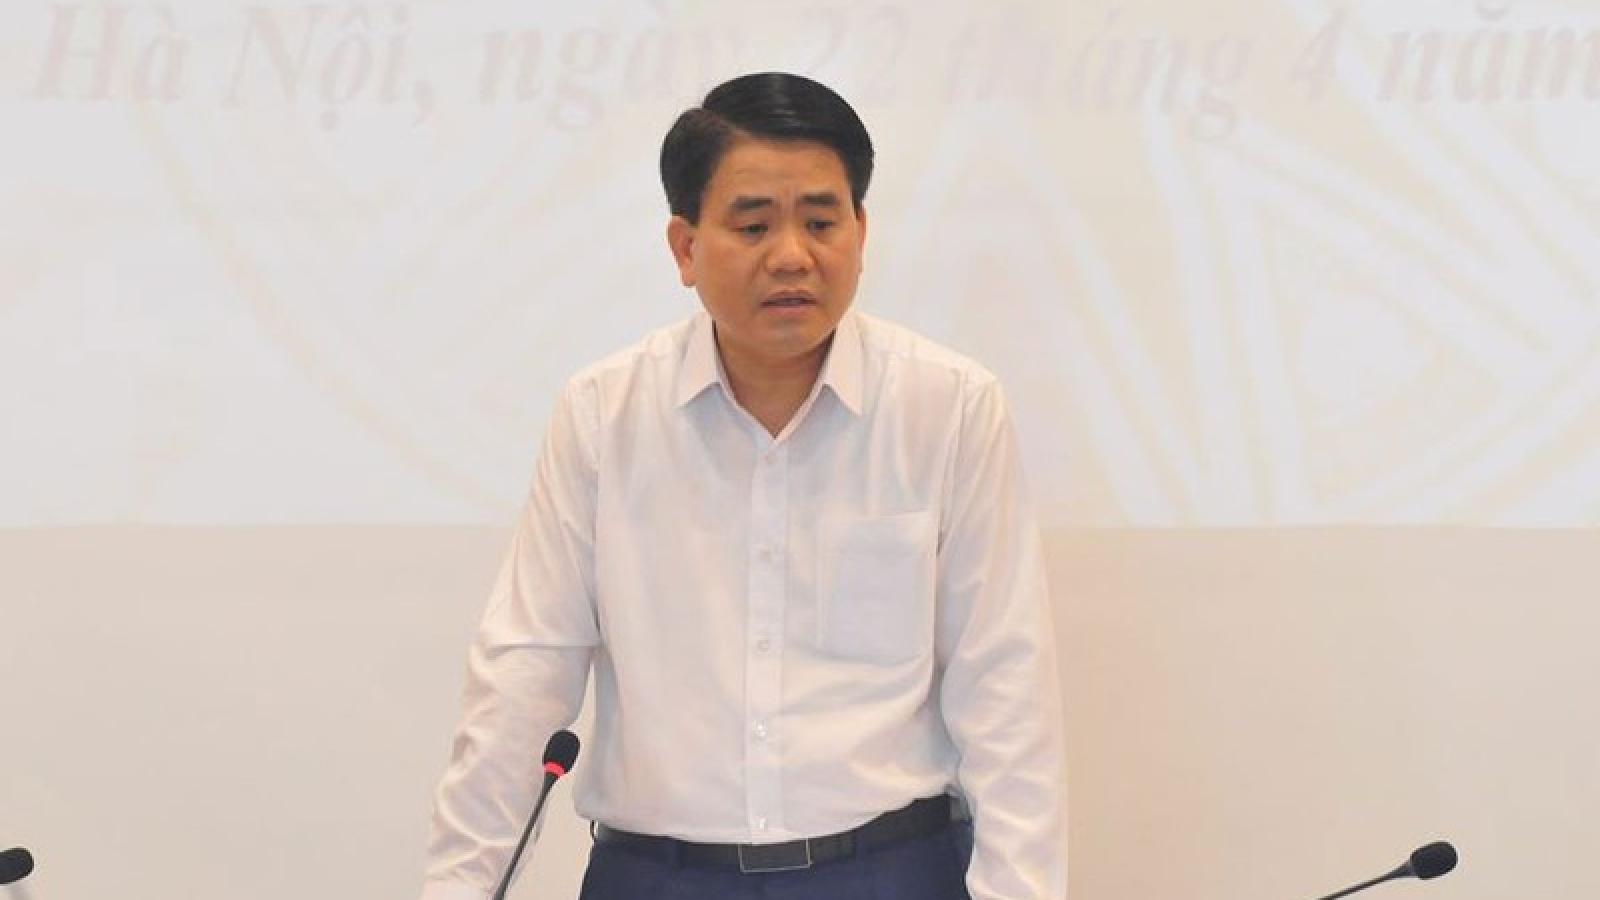 Hà Nội vẫn cấm các quán trà vỉa hè và cửa hàng không thiết yếu